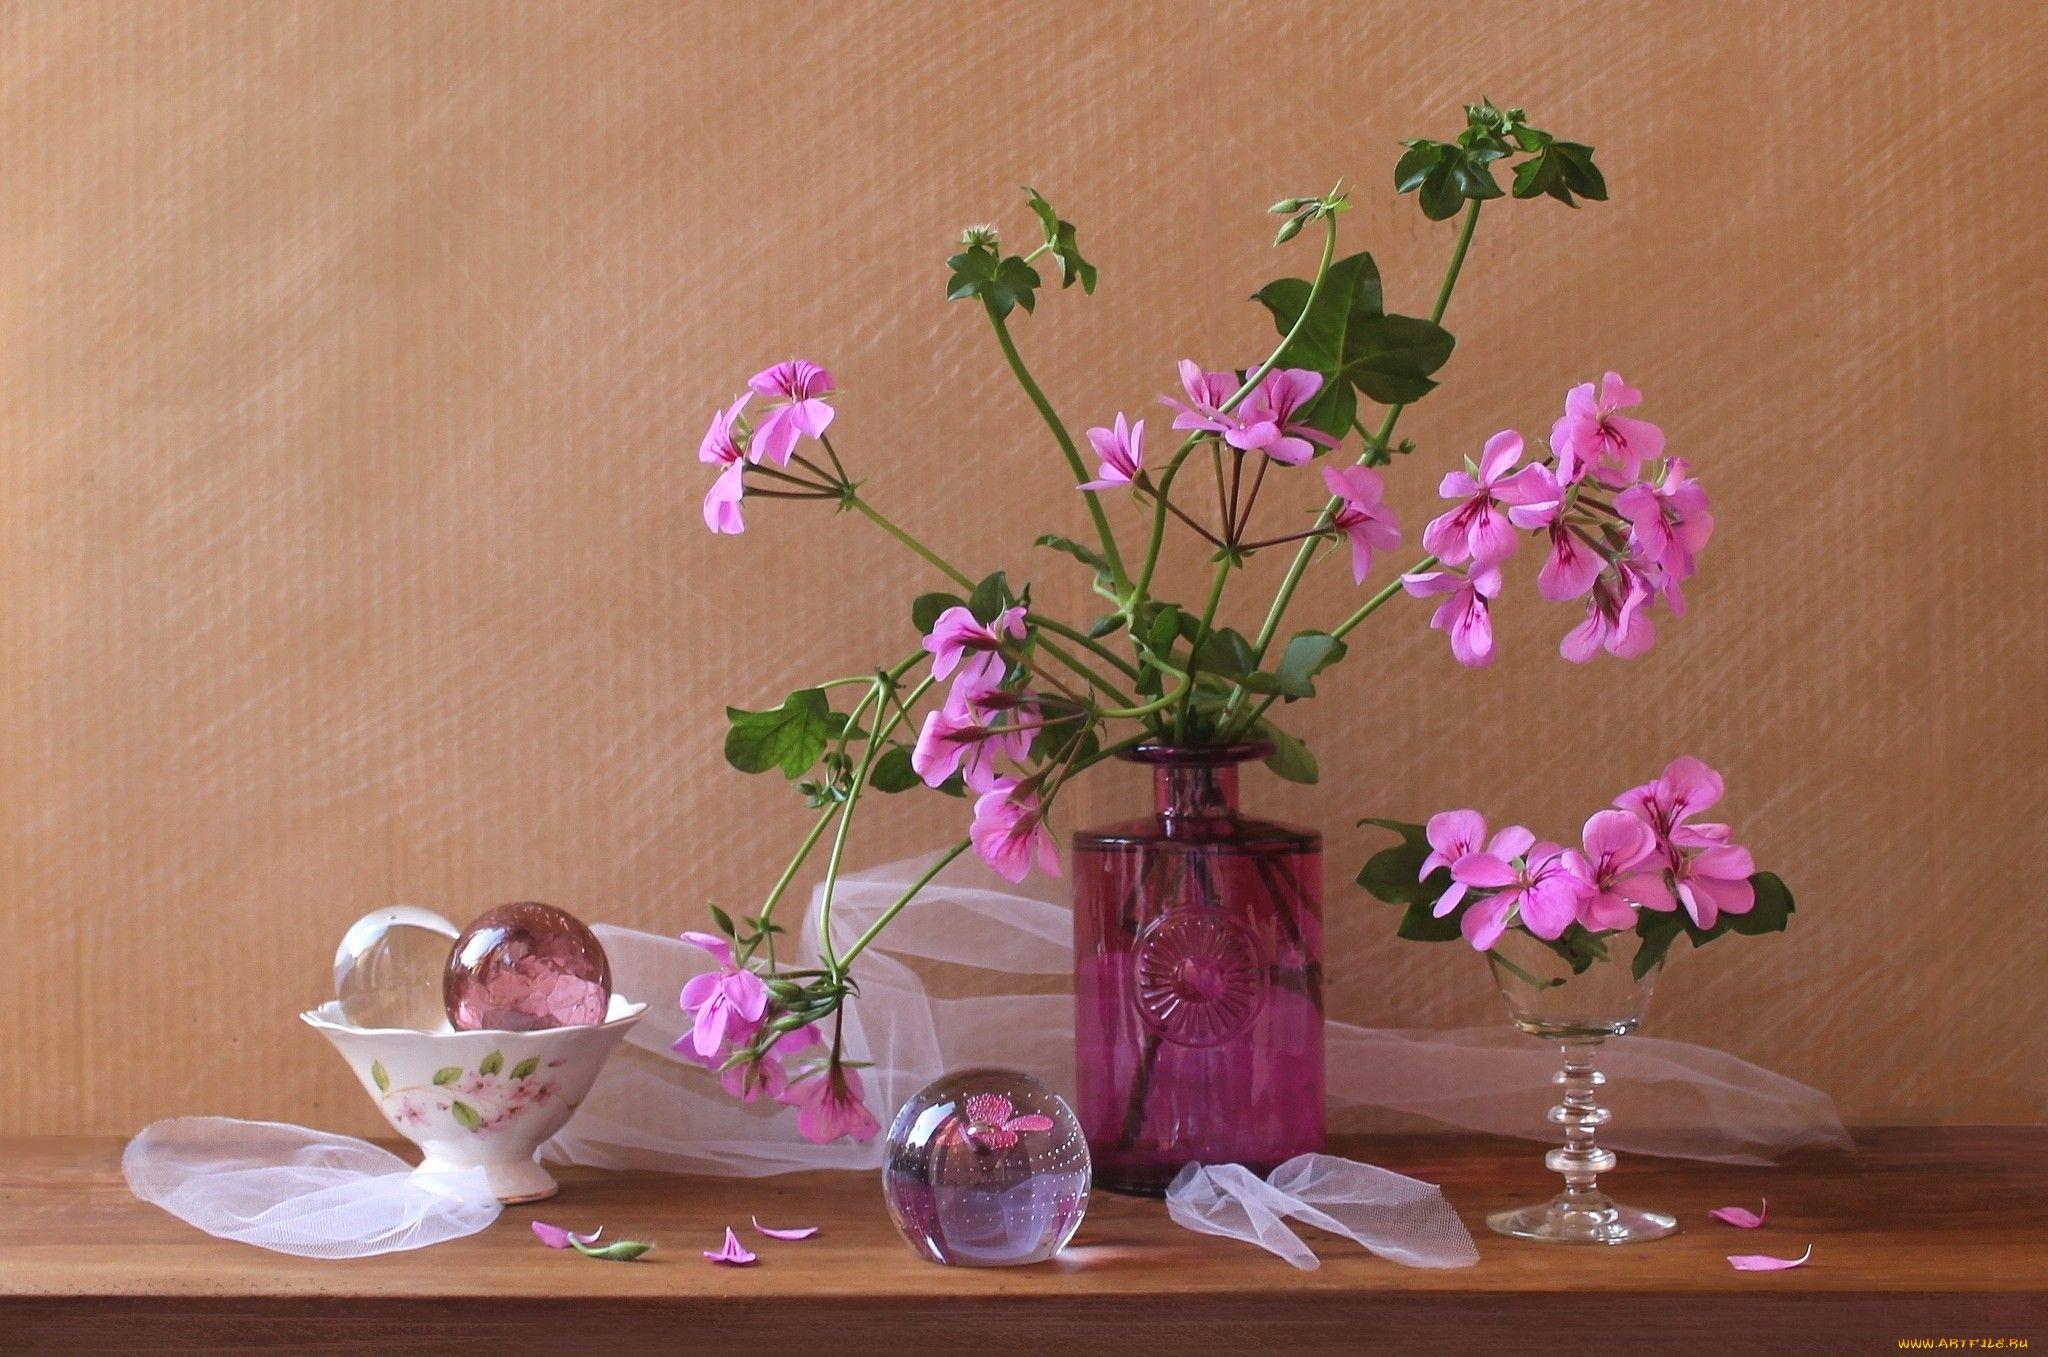 Resultado de imagem para still life wallpapers